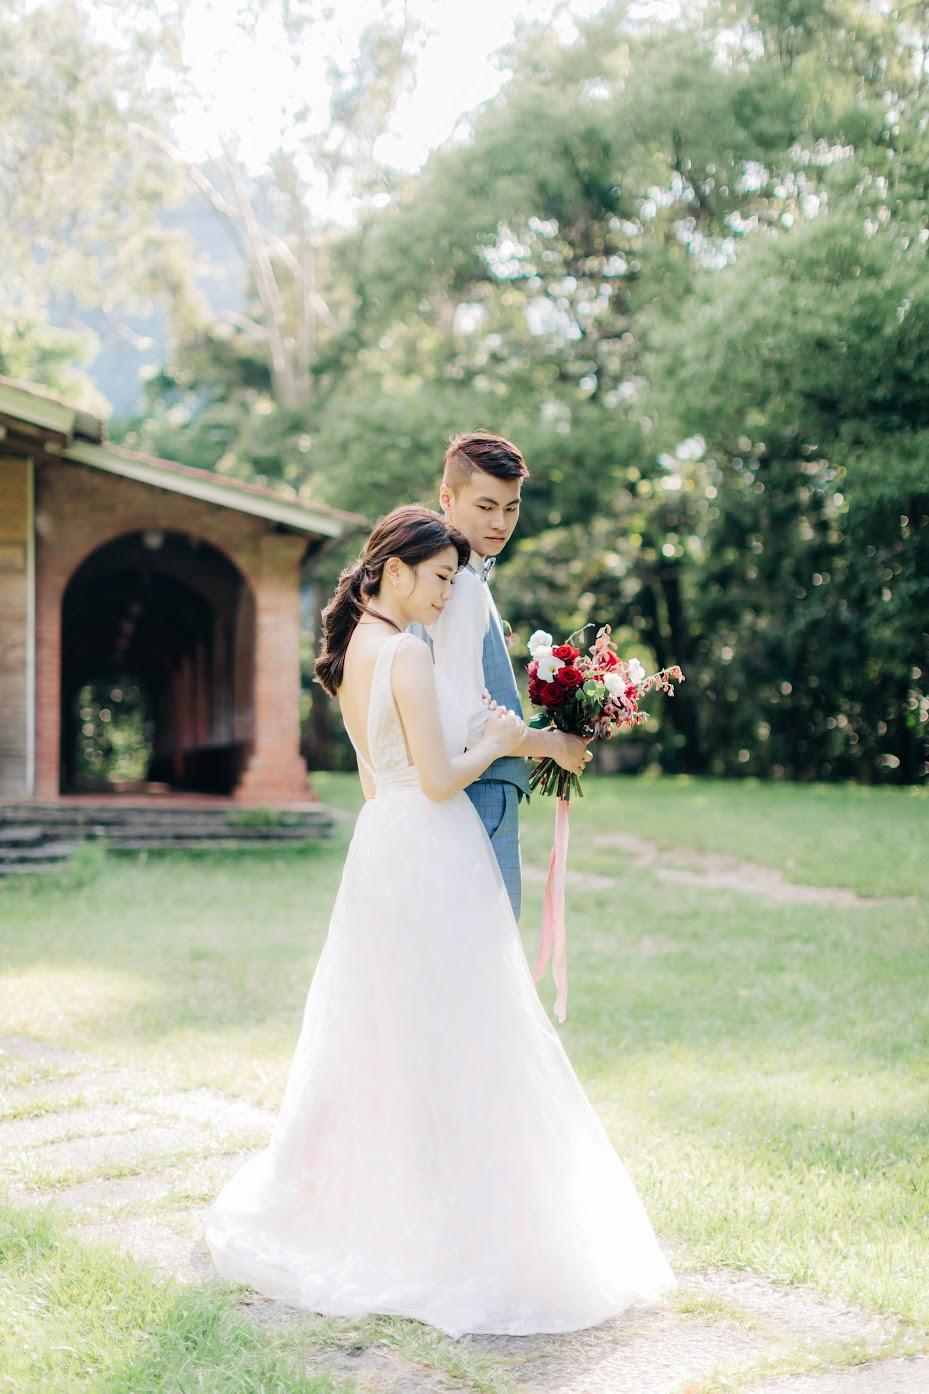 惠蓀林場婚紗   Jeff + Emily Engagement   森林系的美式逐光婚紗